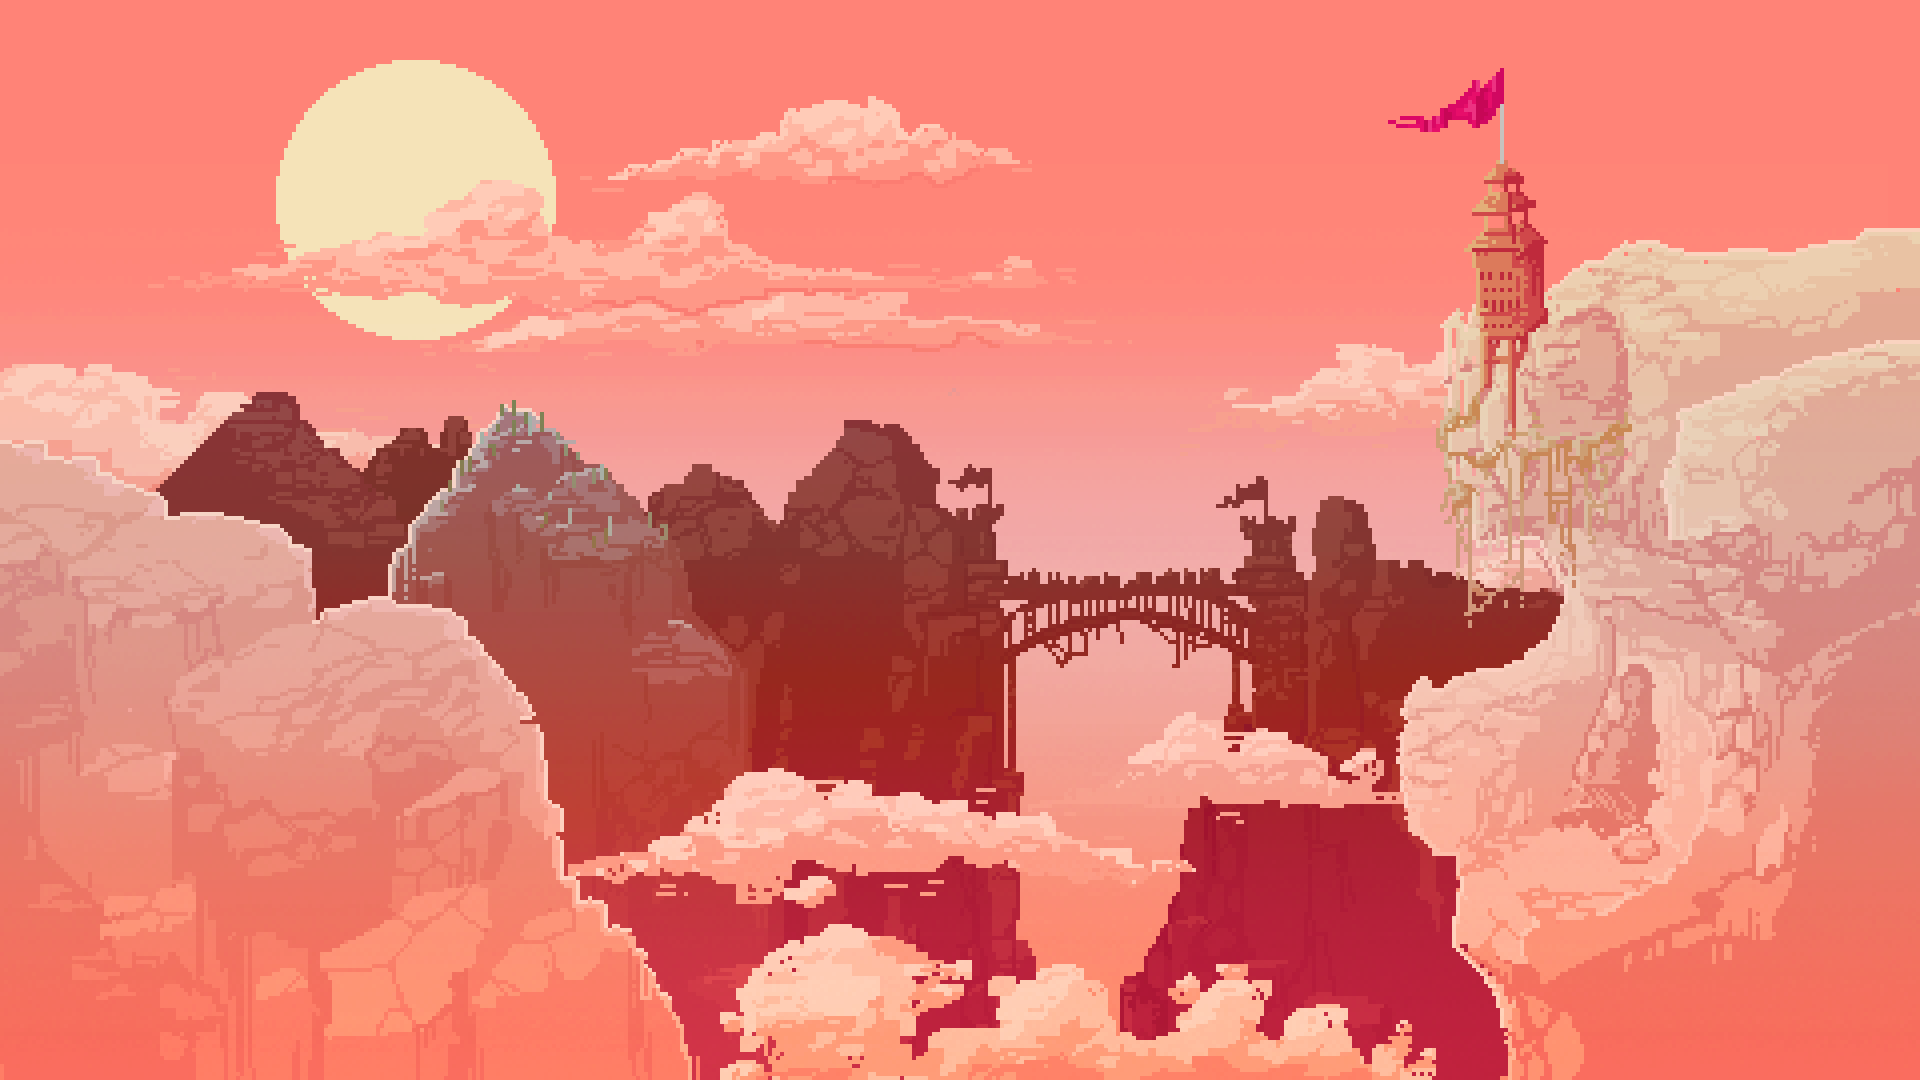 Castle in the desert/ Pixel background Pixel art games